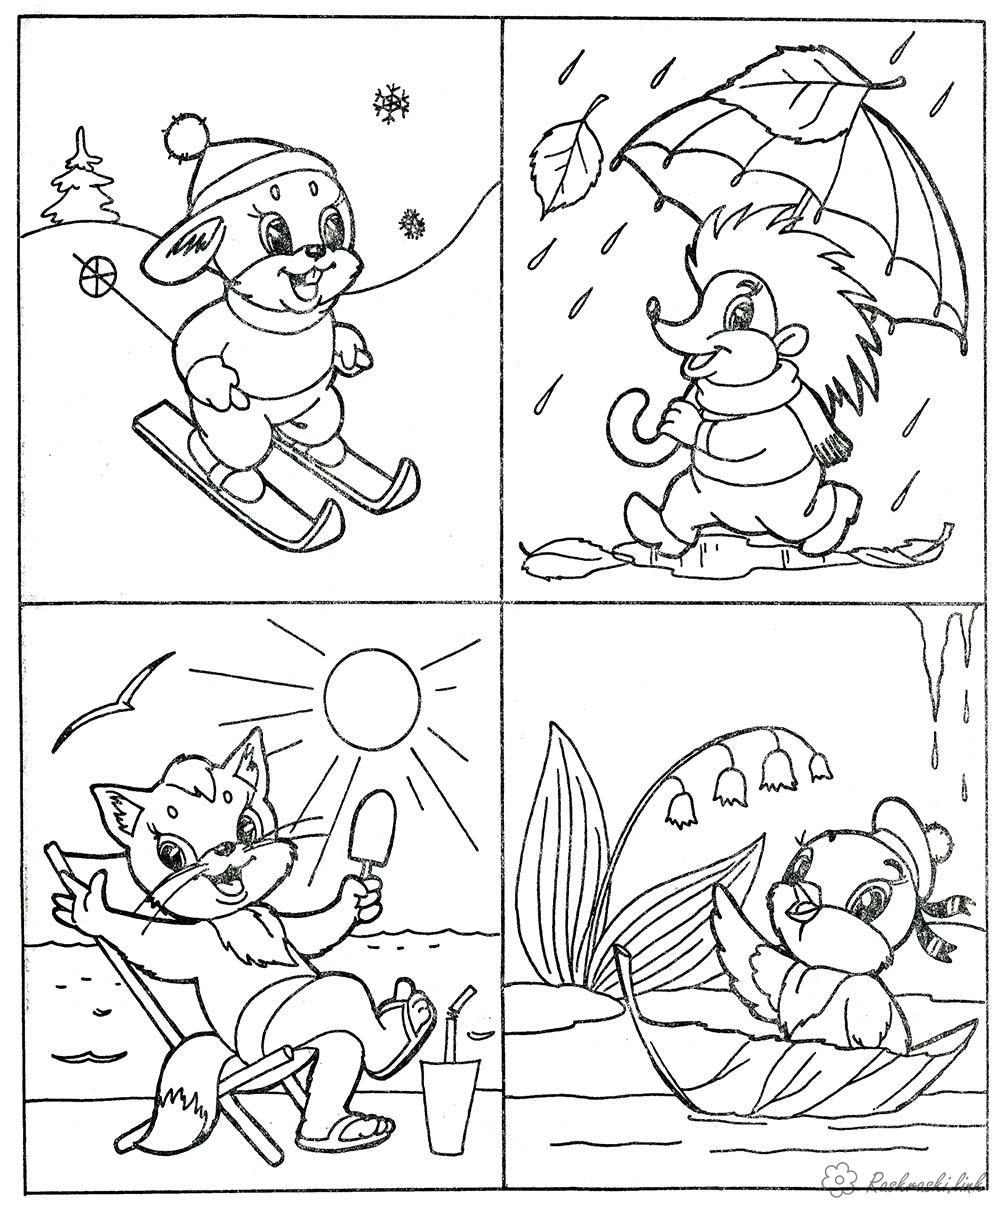 Розмальовки осінь Явища природи, пори року, зима, весна, літо, осінь, заєць, їжачок, лисичка, курча